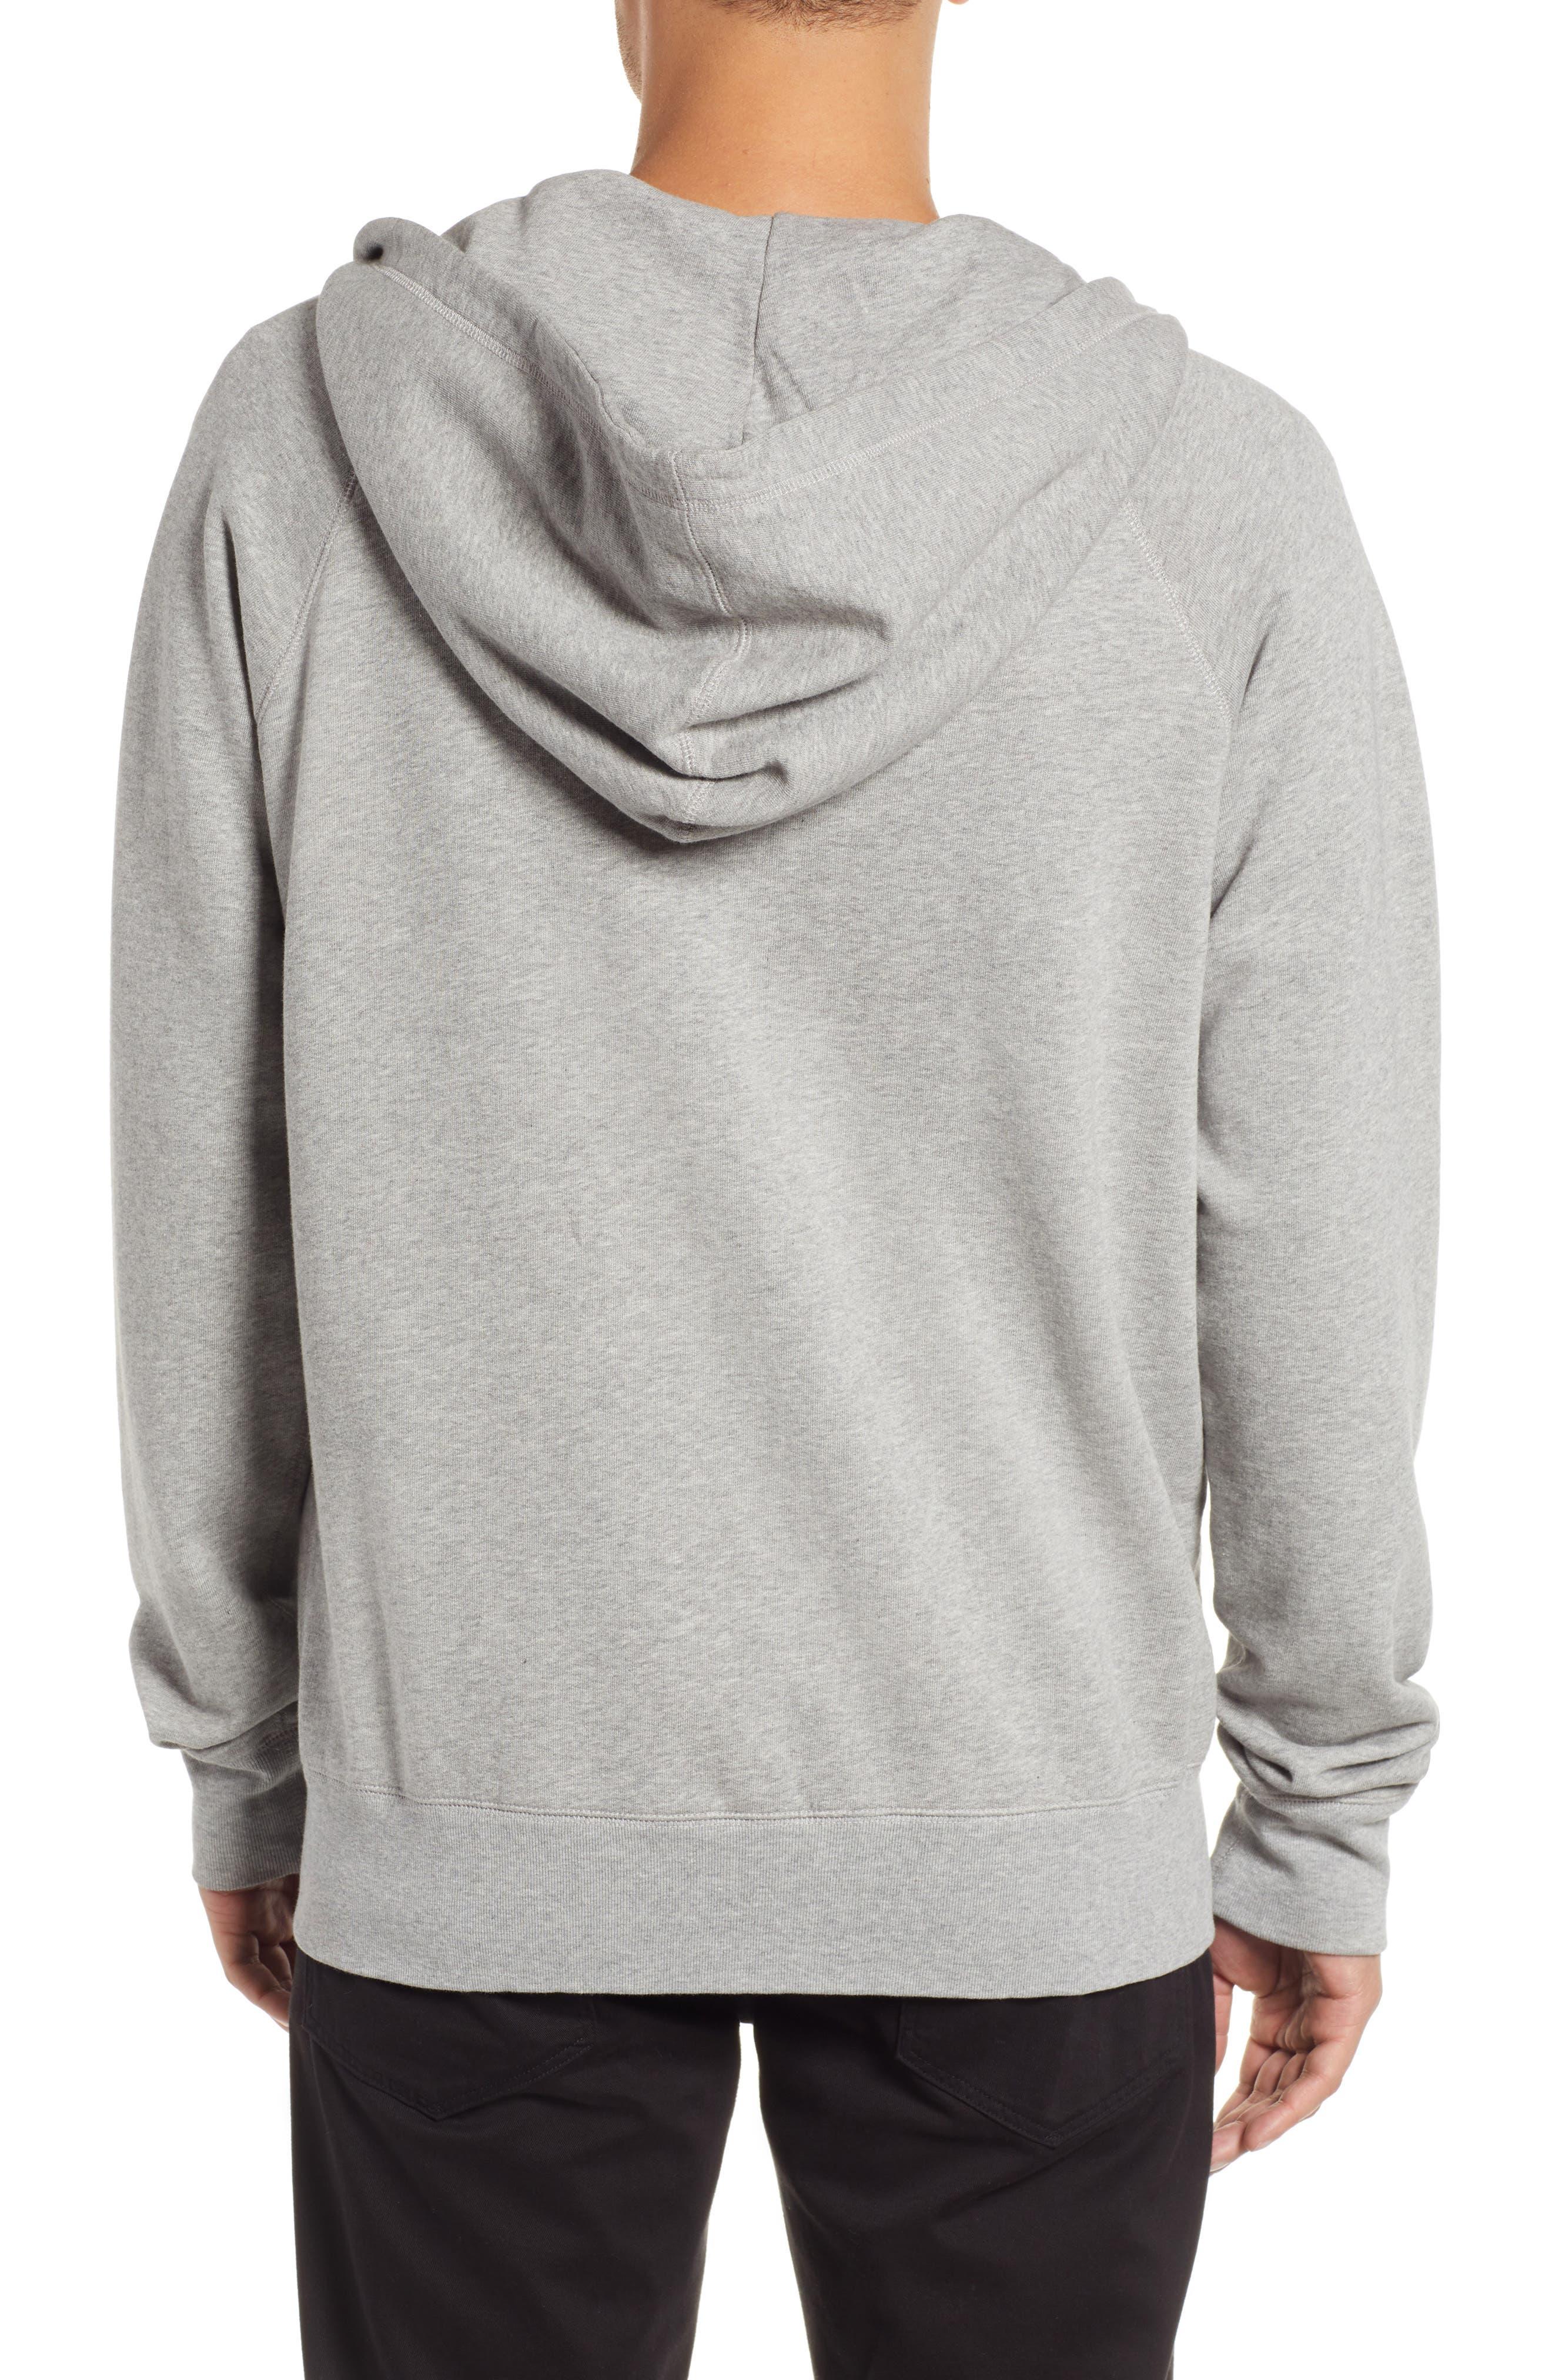 Pause Hooded Zip Sweatshirt,                             Alternate thumbnail 2, color,                             GREY MELANGE